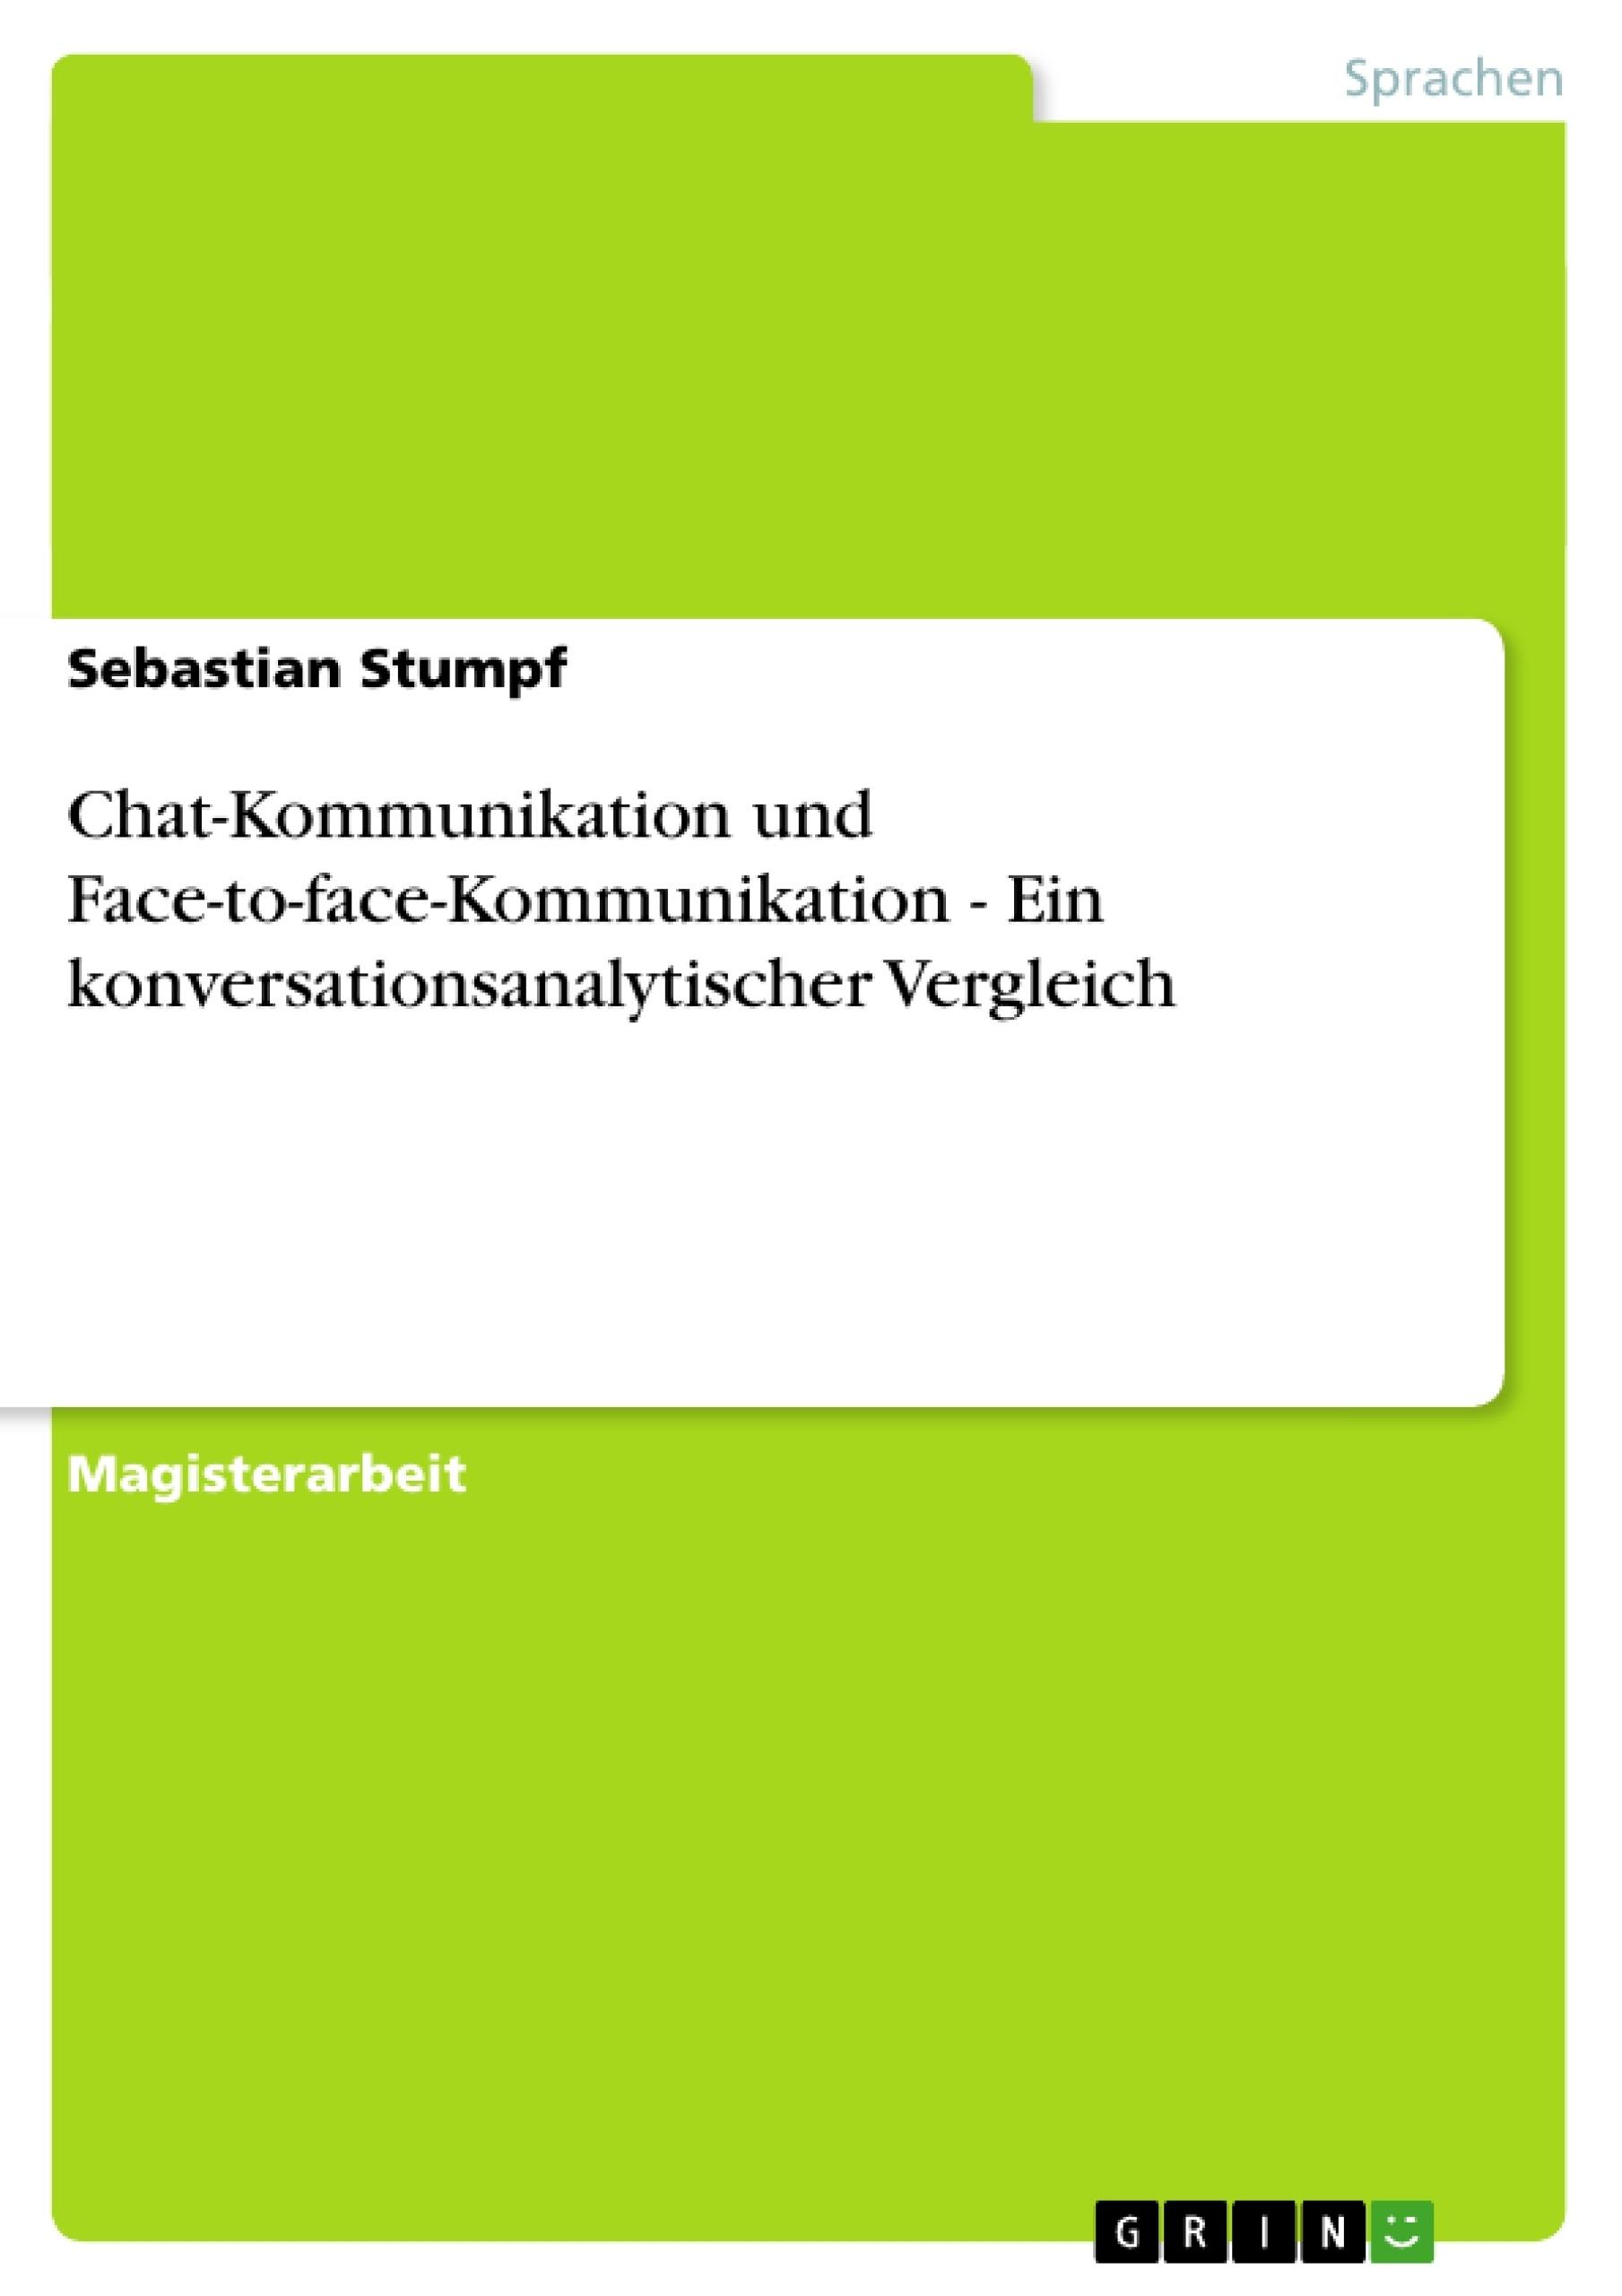 Titel: Chat-Kommunikation und Face-to-face-Kommunikation - Ein konversationsanalytischer Vergleich